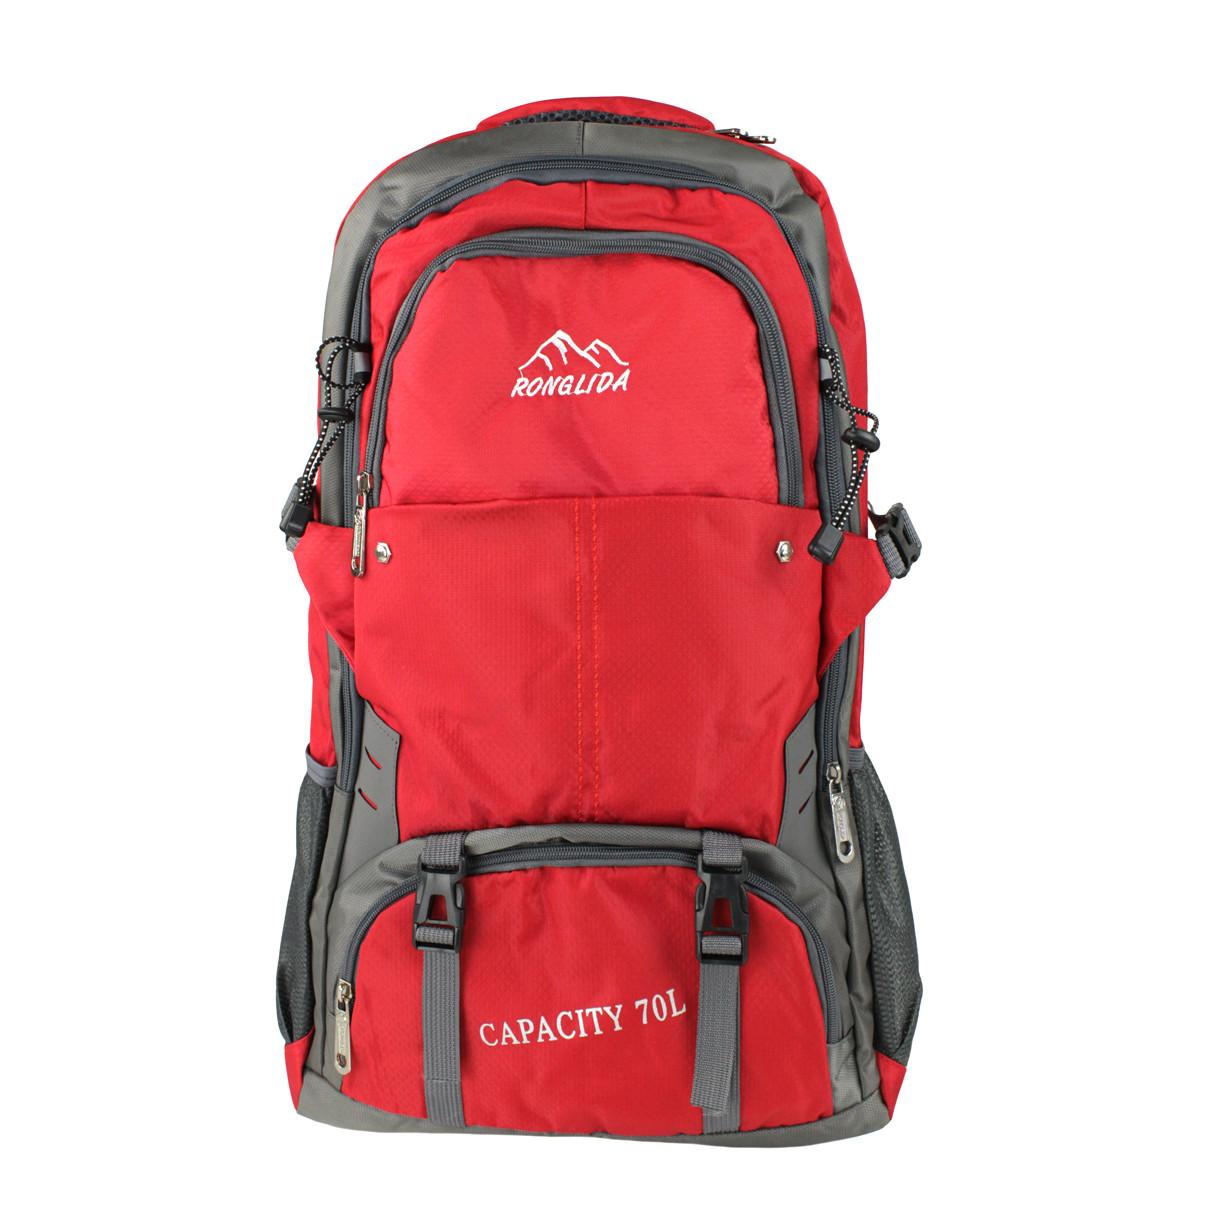 Рюкзак туристичний похідний Ronglida 70 л червоний (716867)